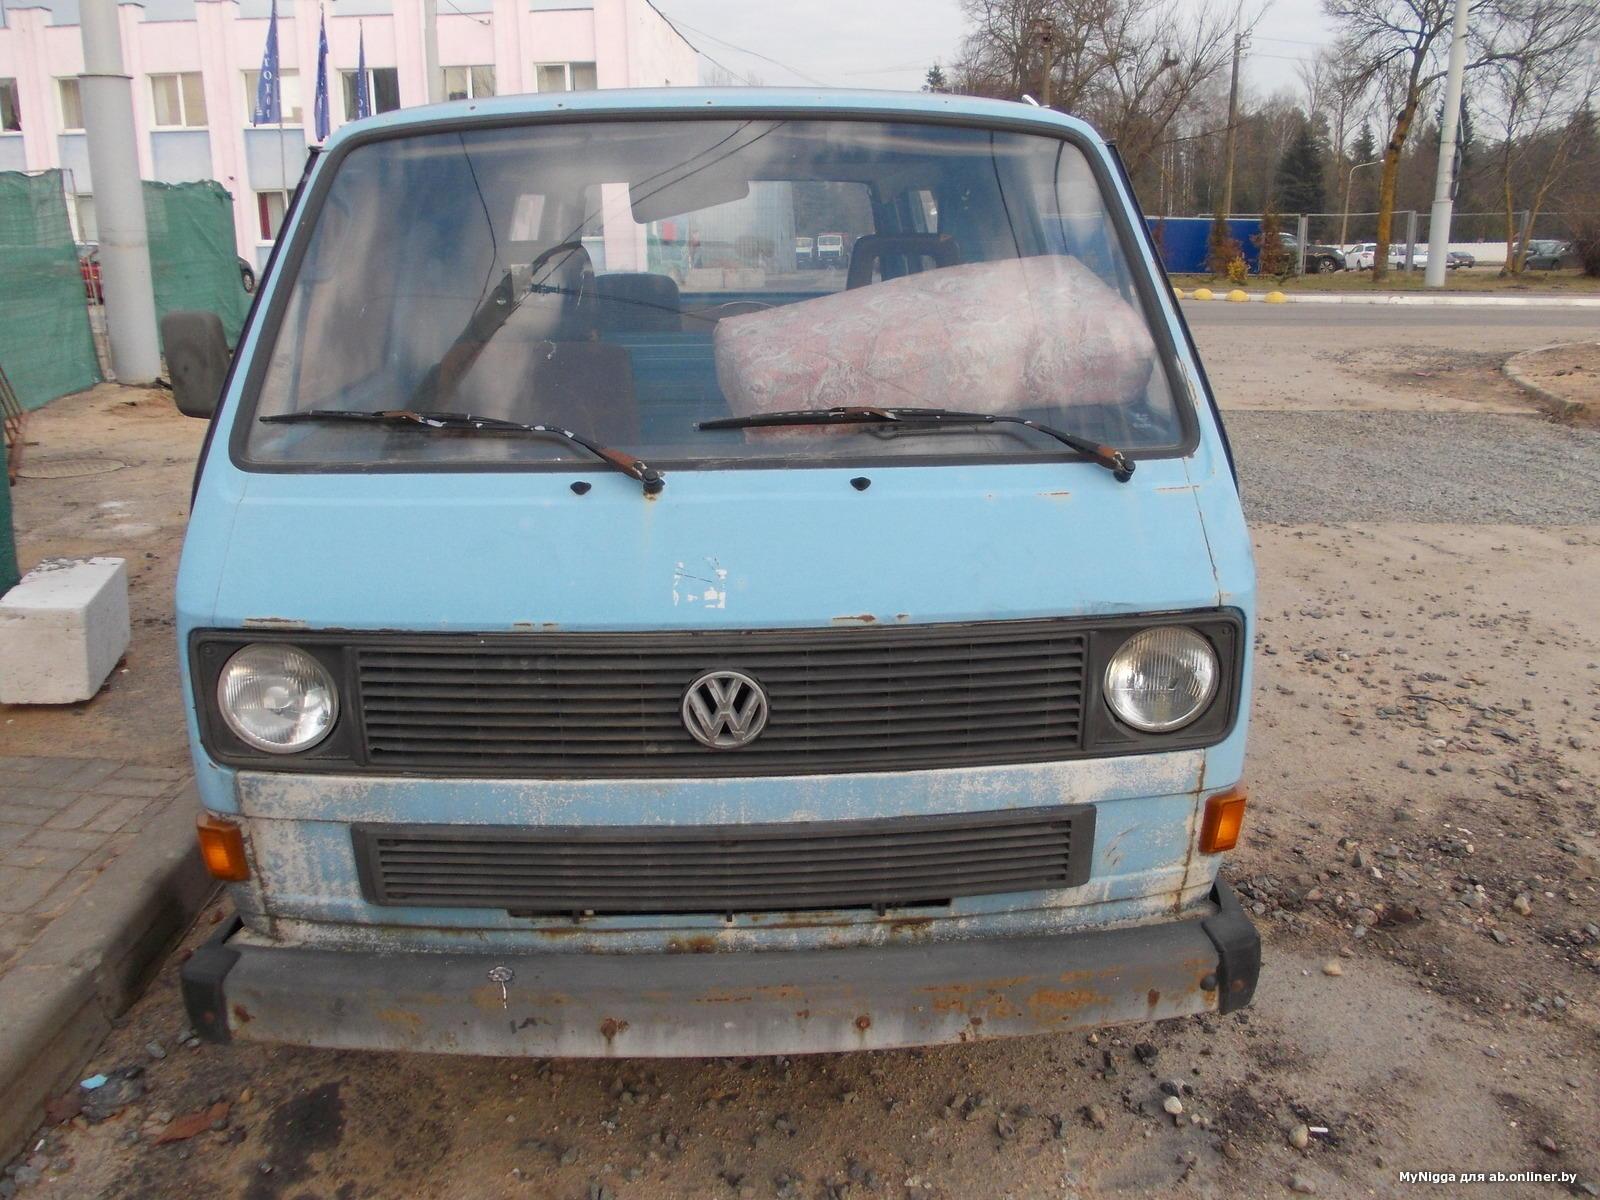 Volkswagen T3 Transporter